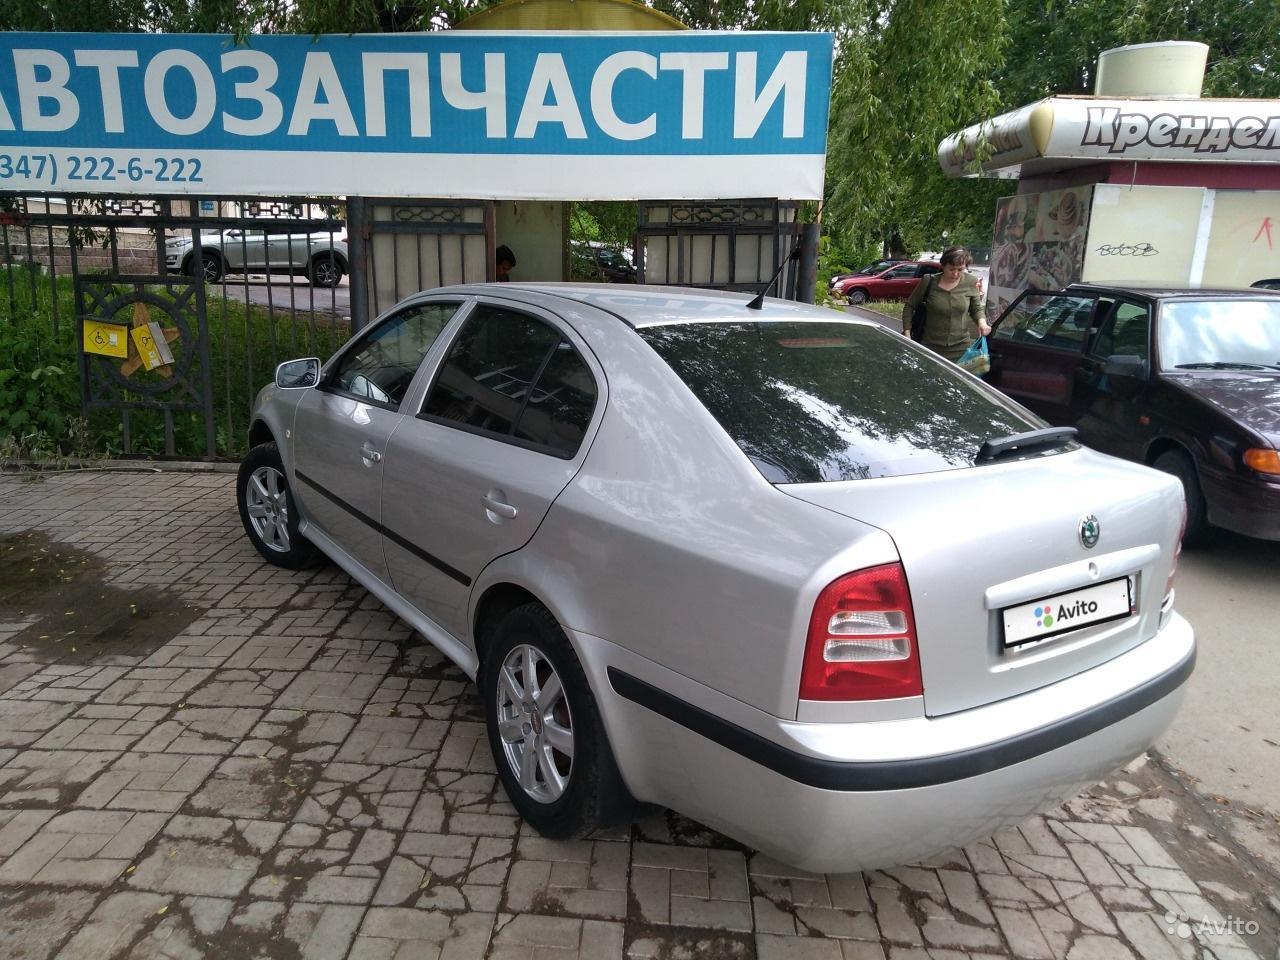 Skoda Octavia 2005 г.в. г.Уфа - фото 2